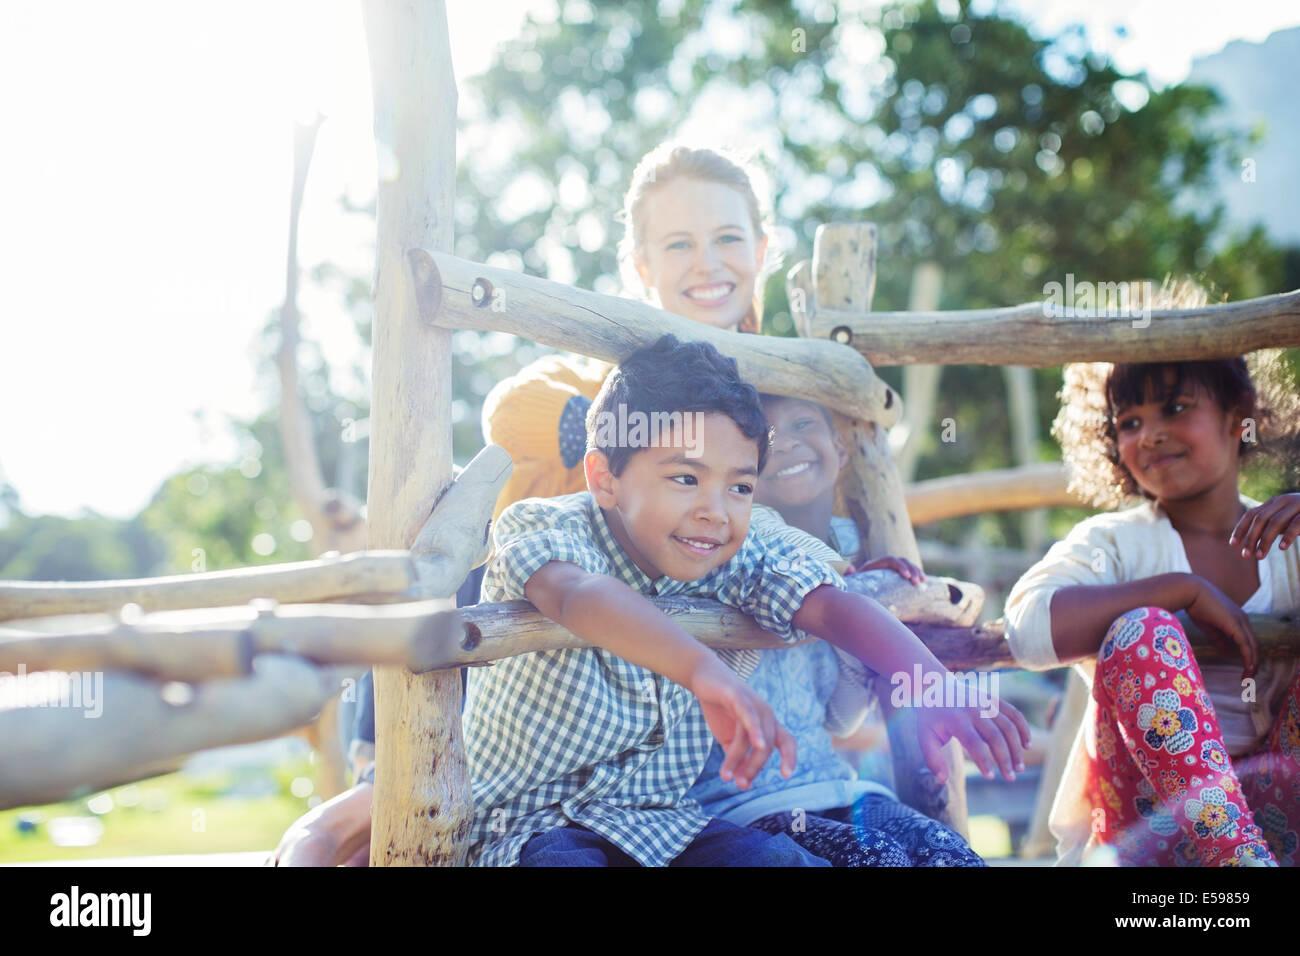 L'enseignant et les étudiants jouant sur la structure de jeu Photo Stock